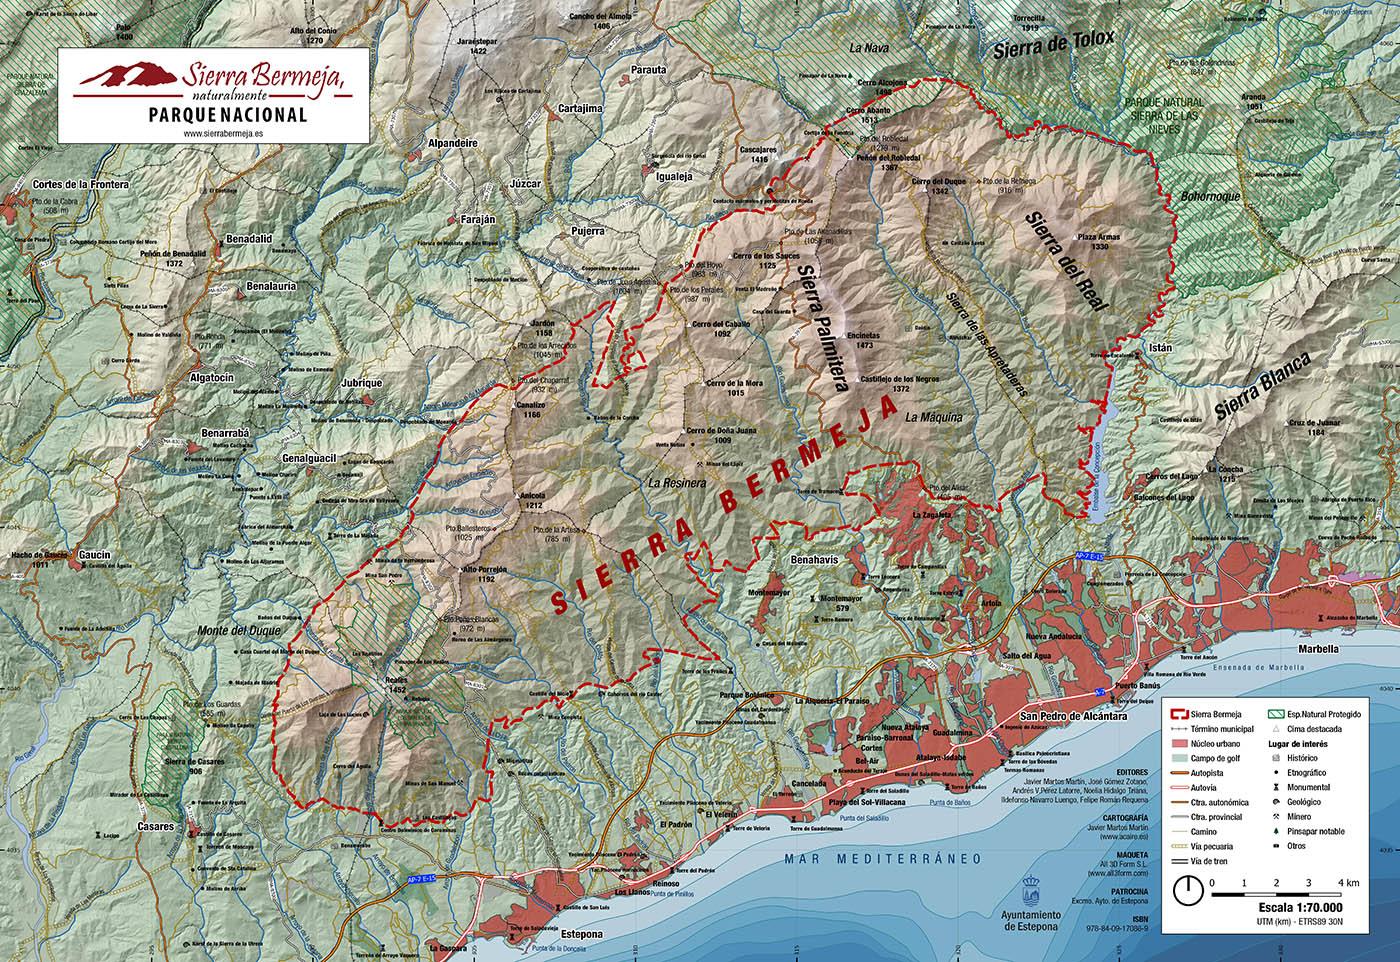 Mapa relieve de Sierra Bermeja (Planimetría)